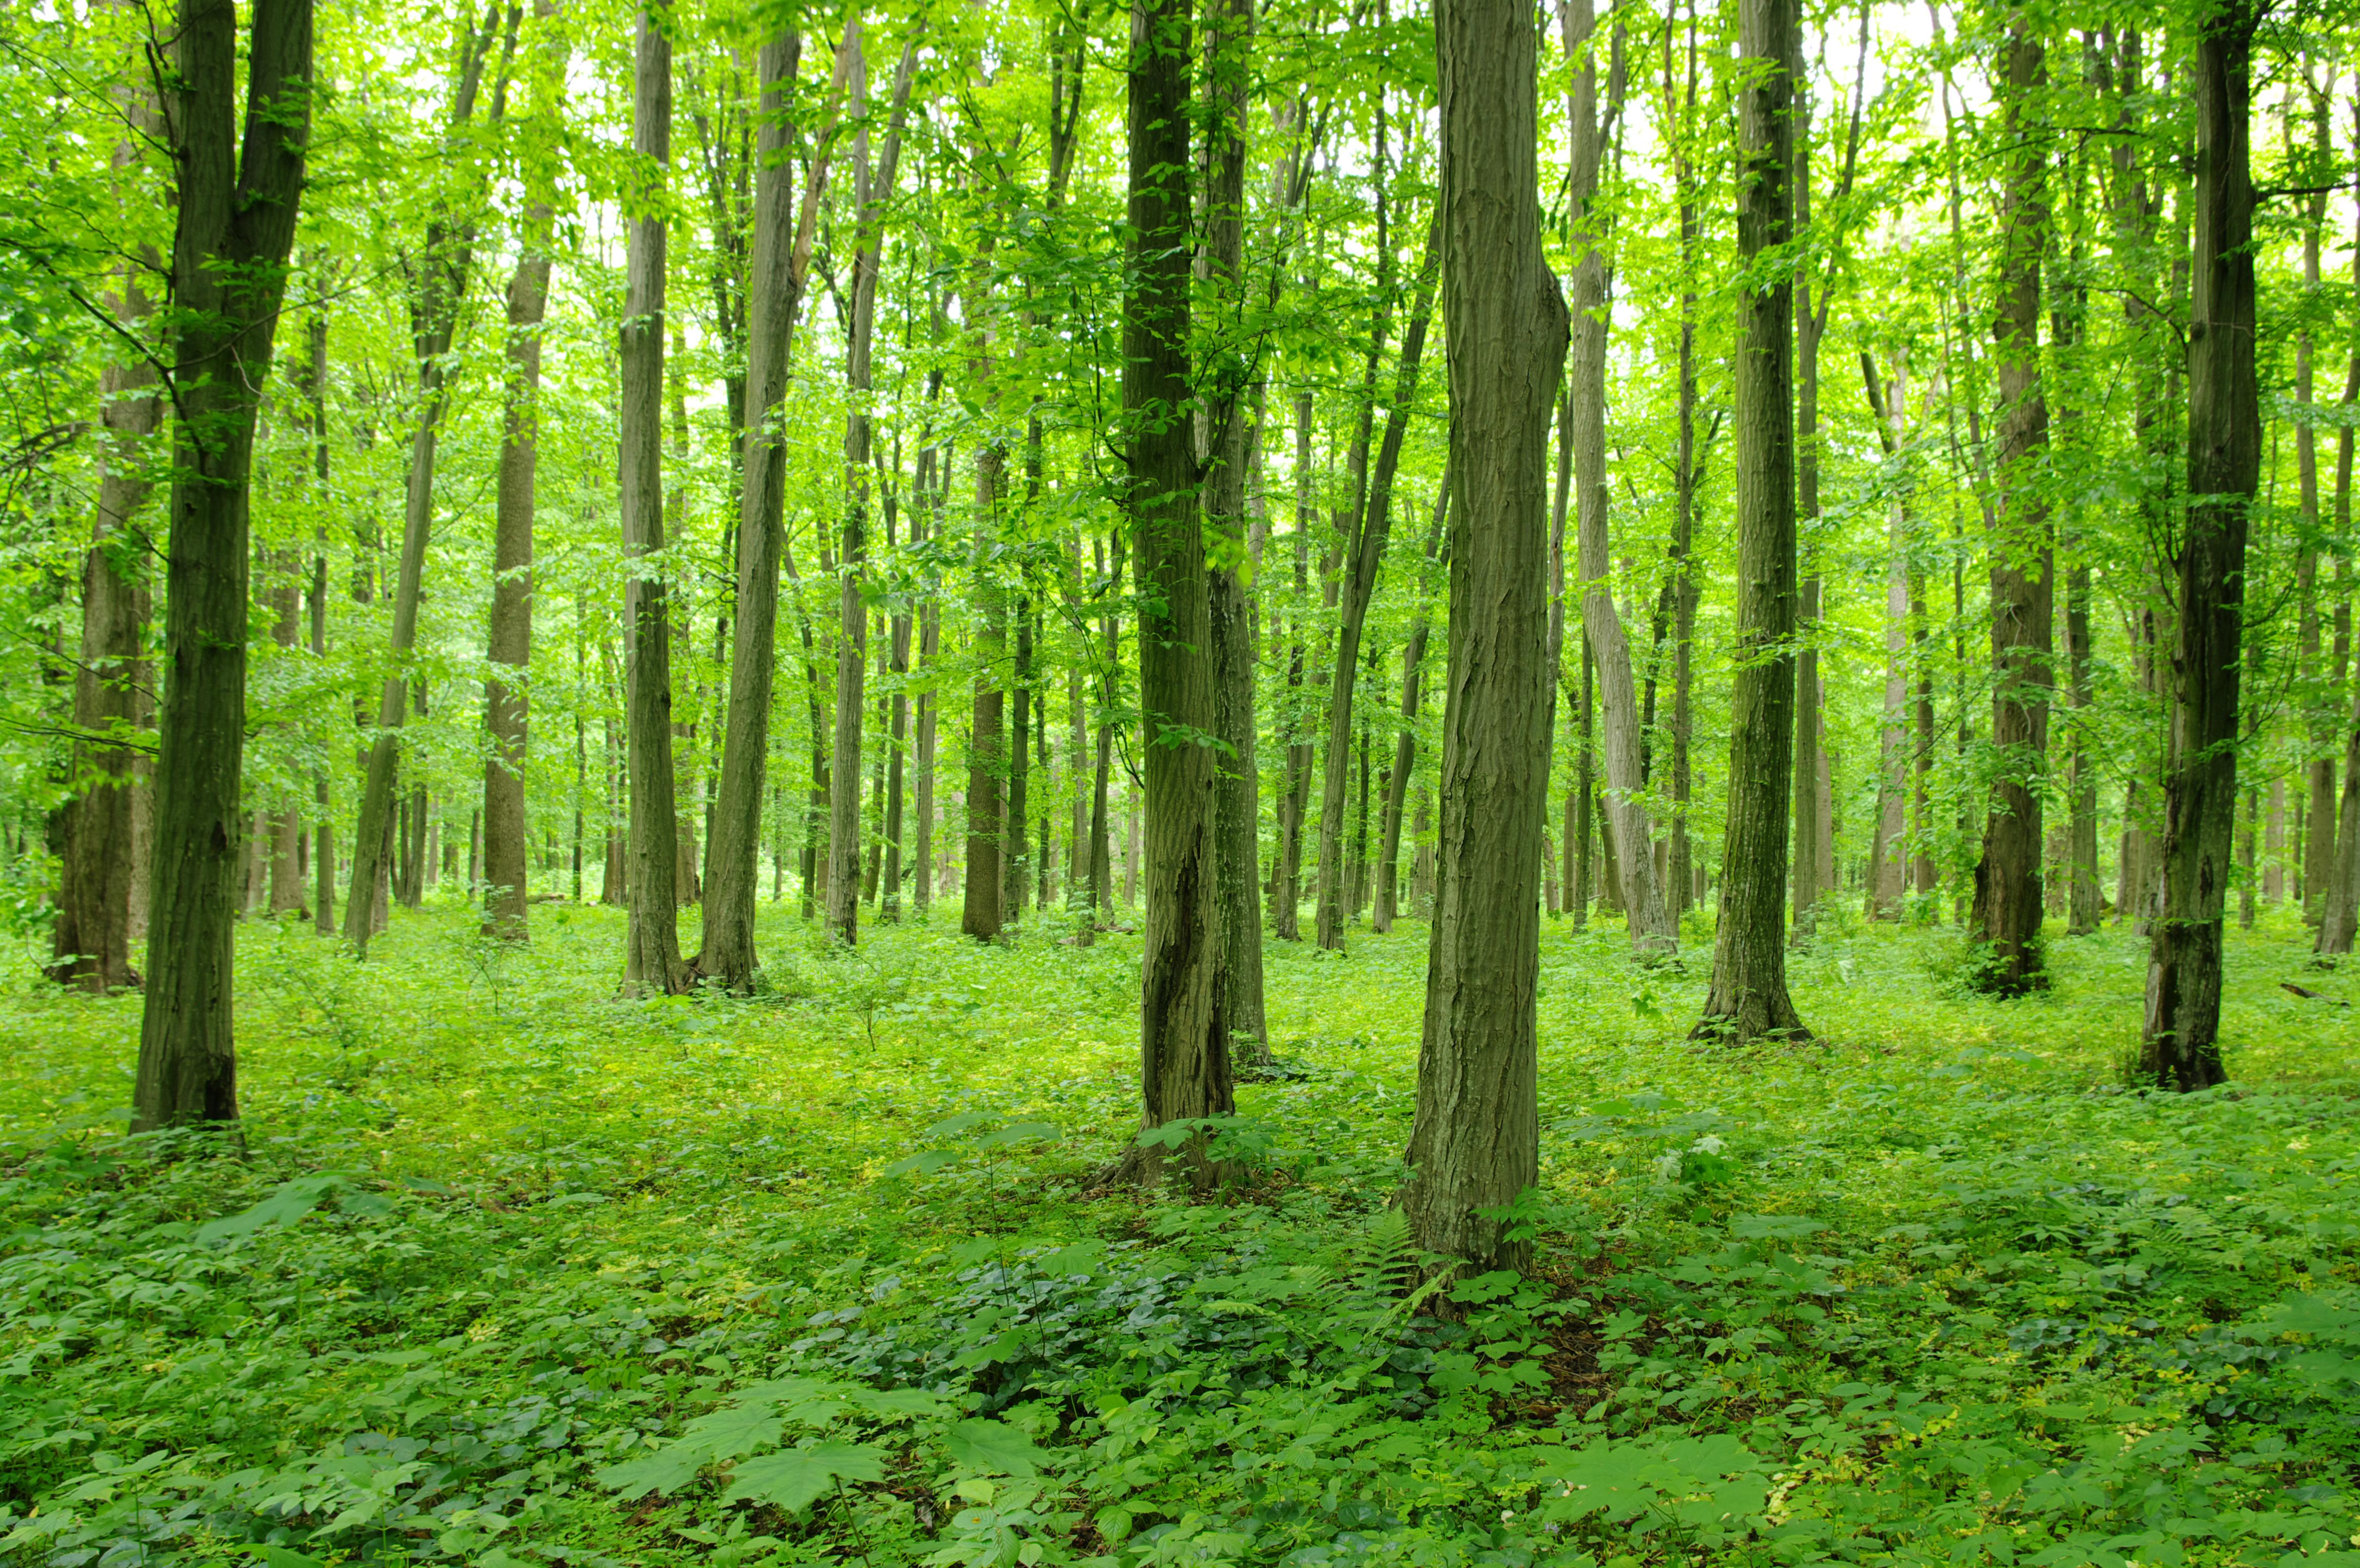 Ljuset som silar in mellan löven kan vara exempel på intryck som underlättar återhämtning från stress.